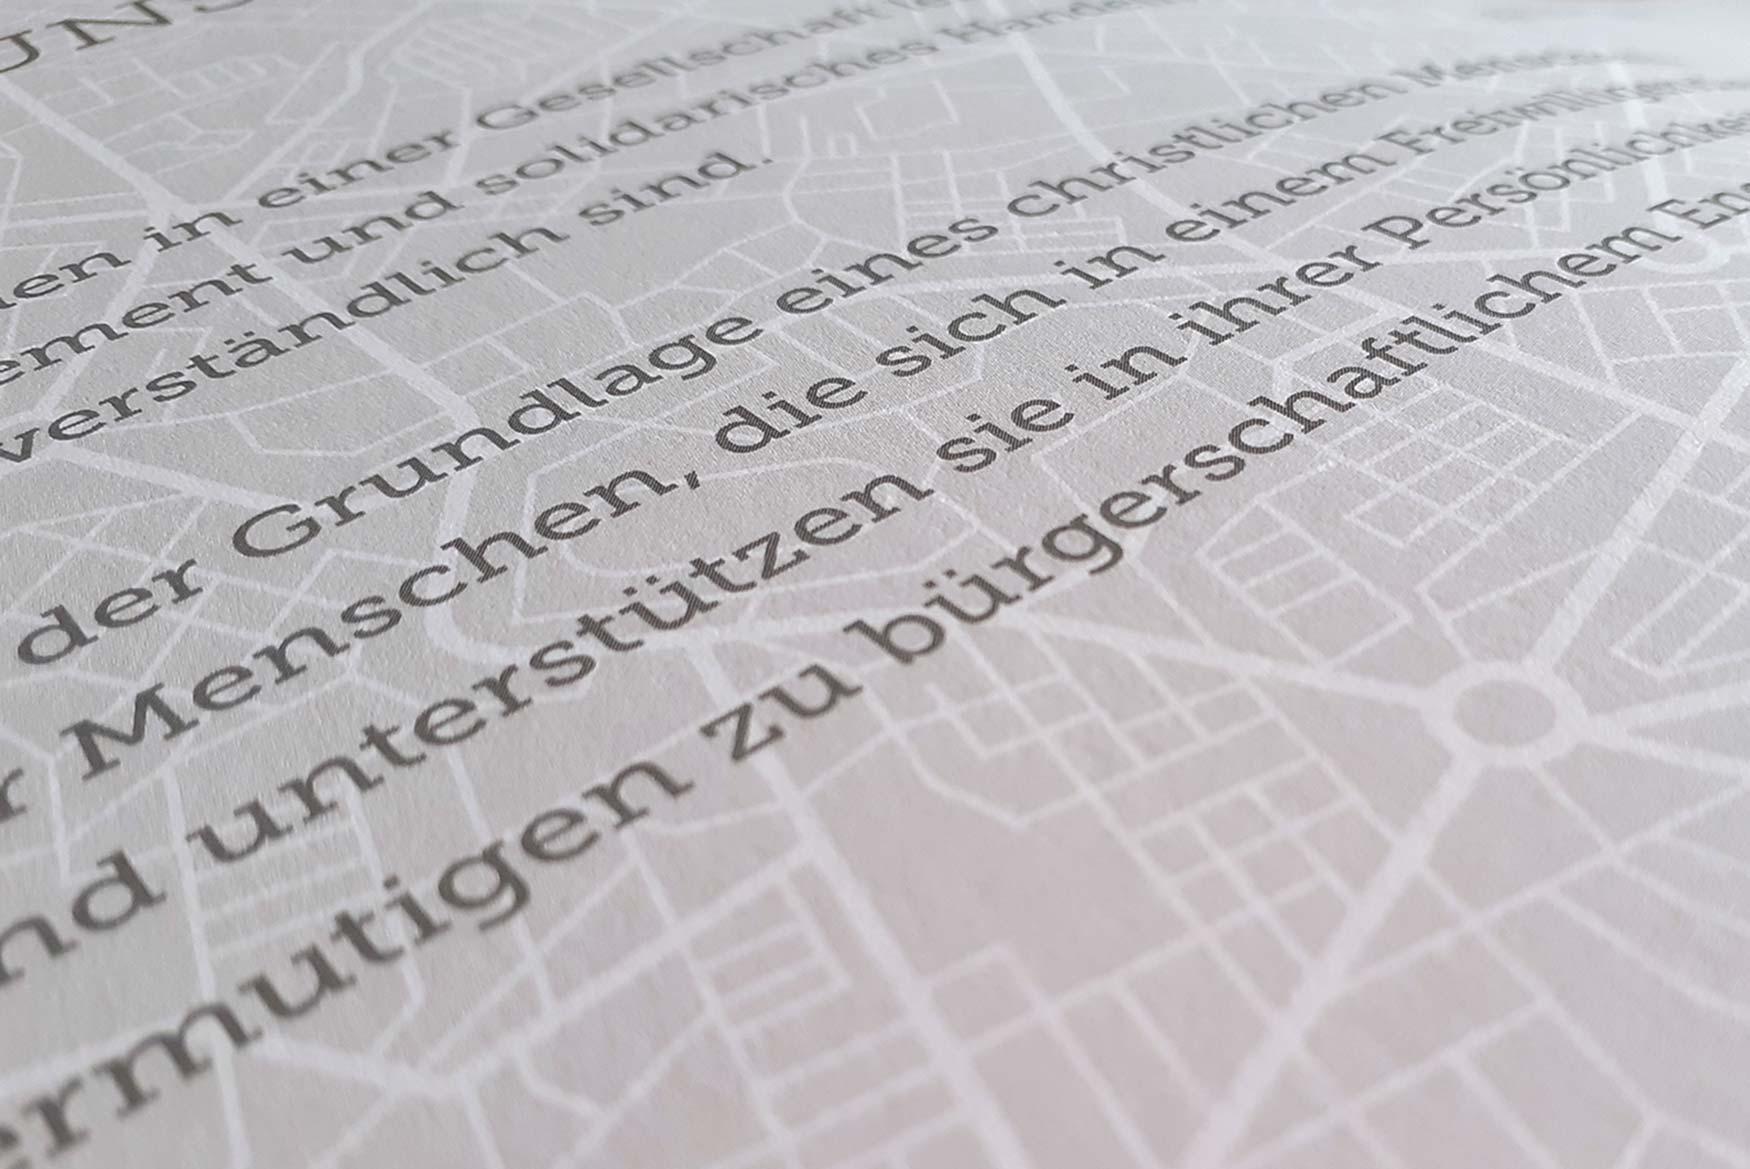 Jahresbericht-FRS-3-Designagentur-Stuttgart-Kreativbetrieb